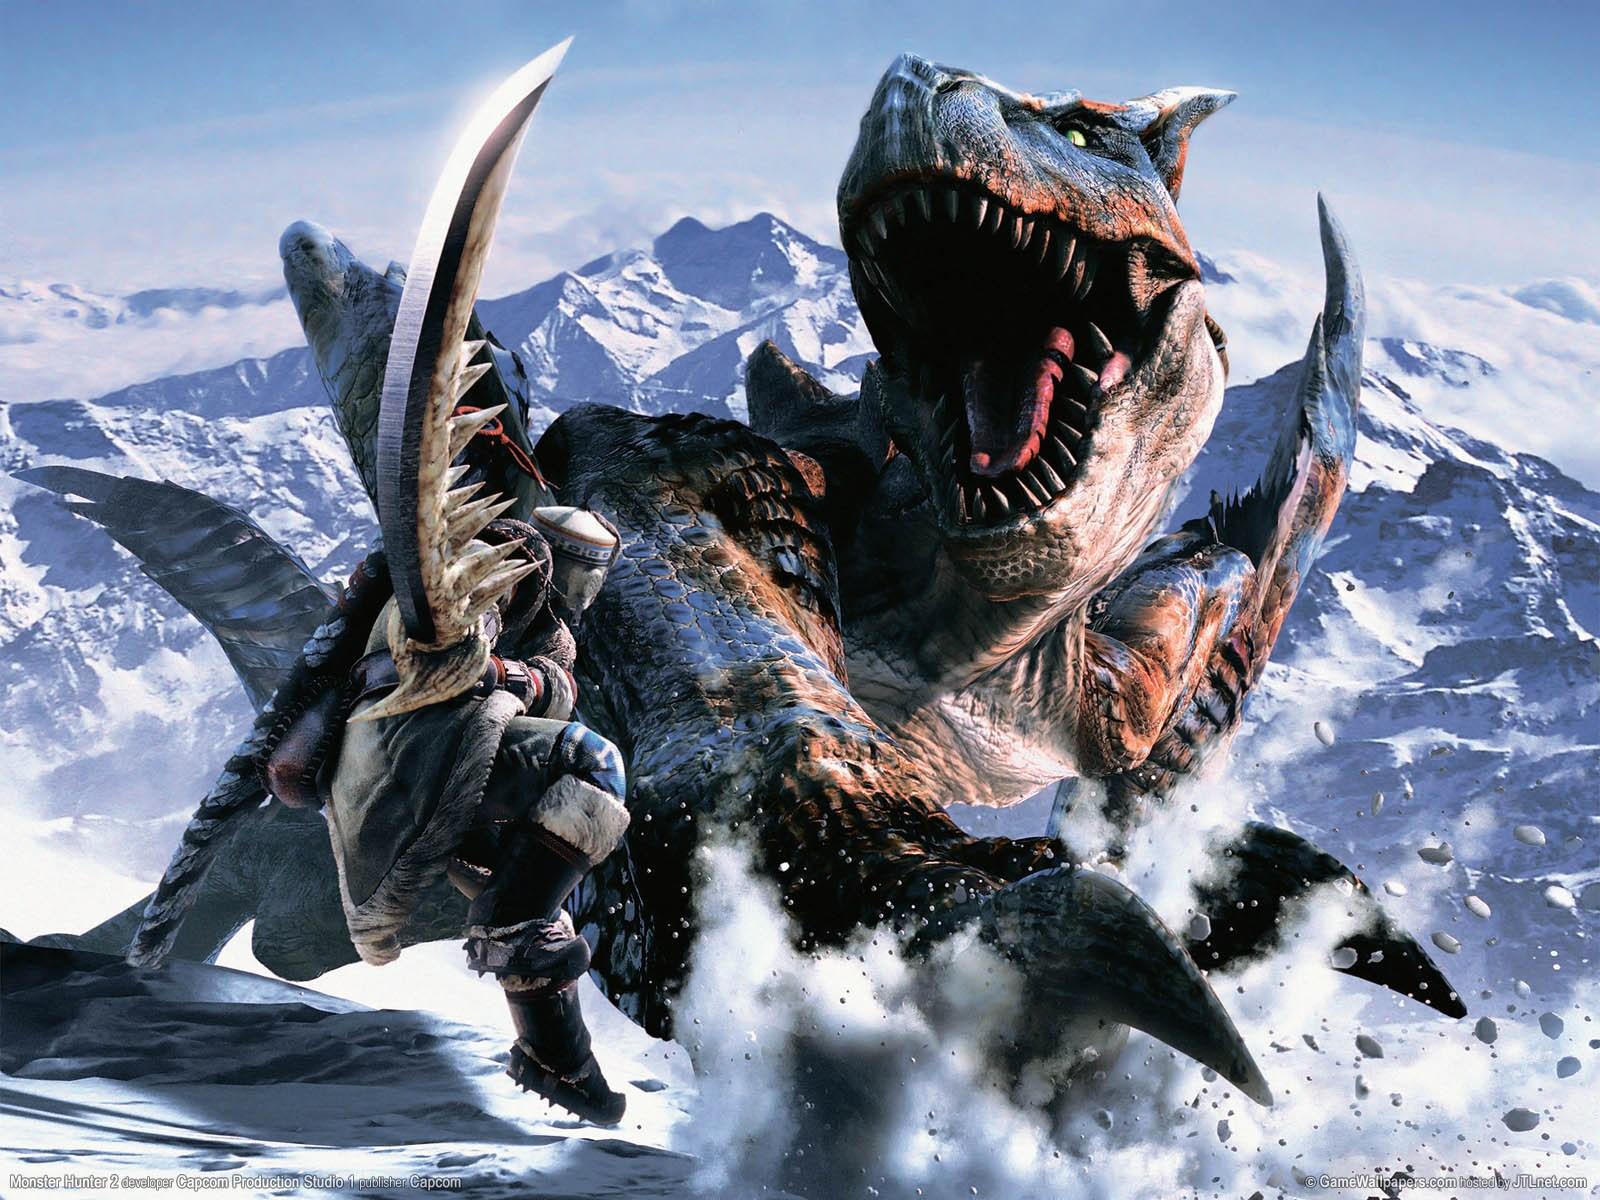 http://4.bp.blogspot.com/-RIrGQAH9BG4/T4wBpu1t1rI/AAAAAAAABek/Eo_FtJppfkQ/s1600/brave-hearted-monster-hunter-dinosaur-pictures.jpg